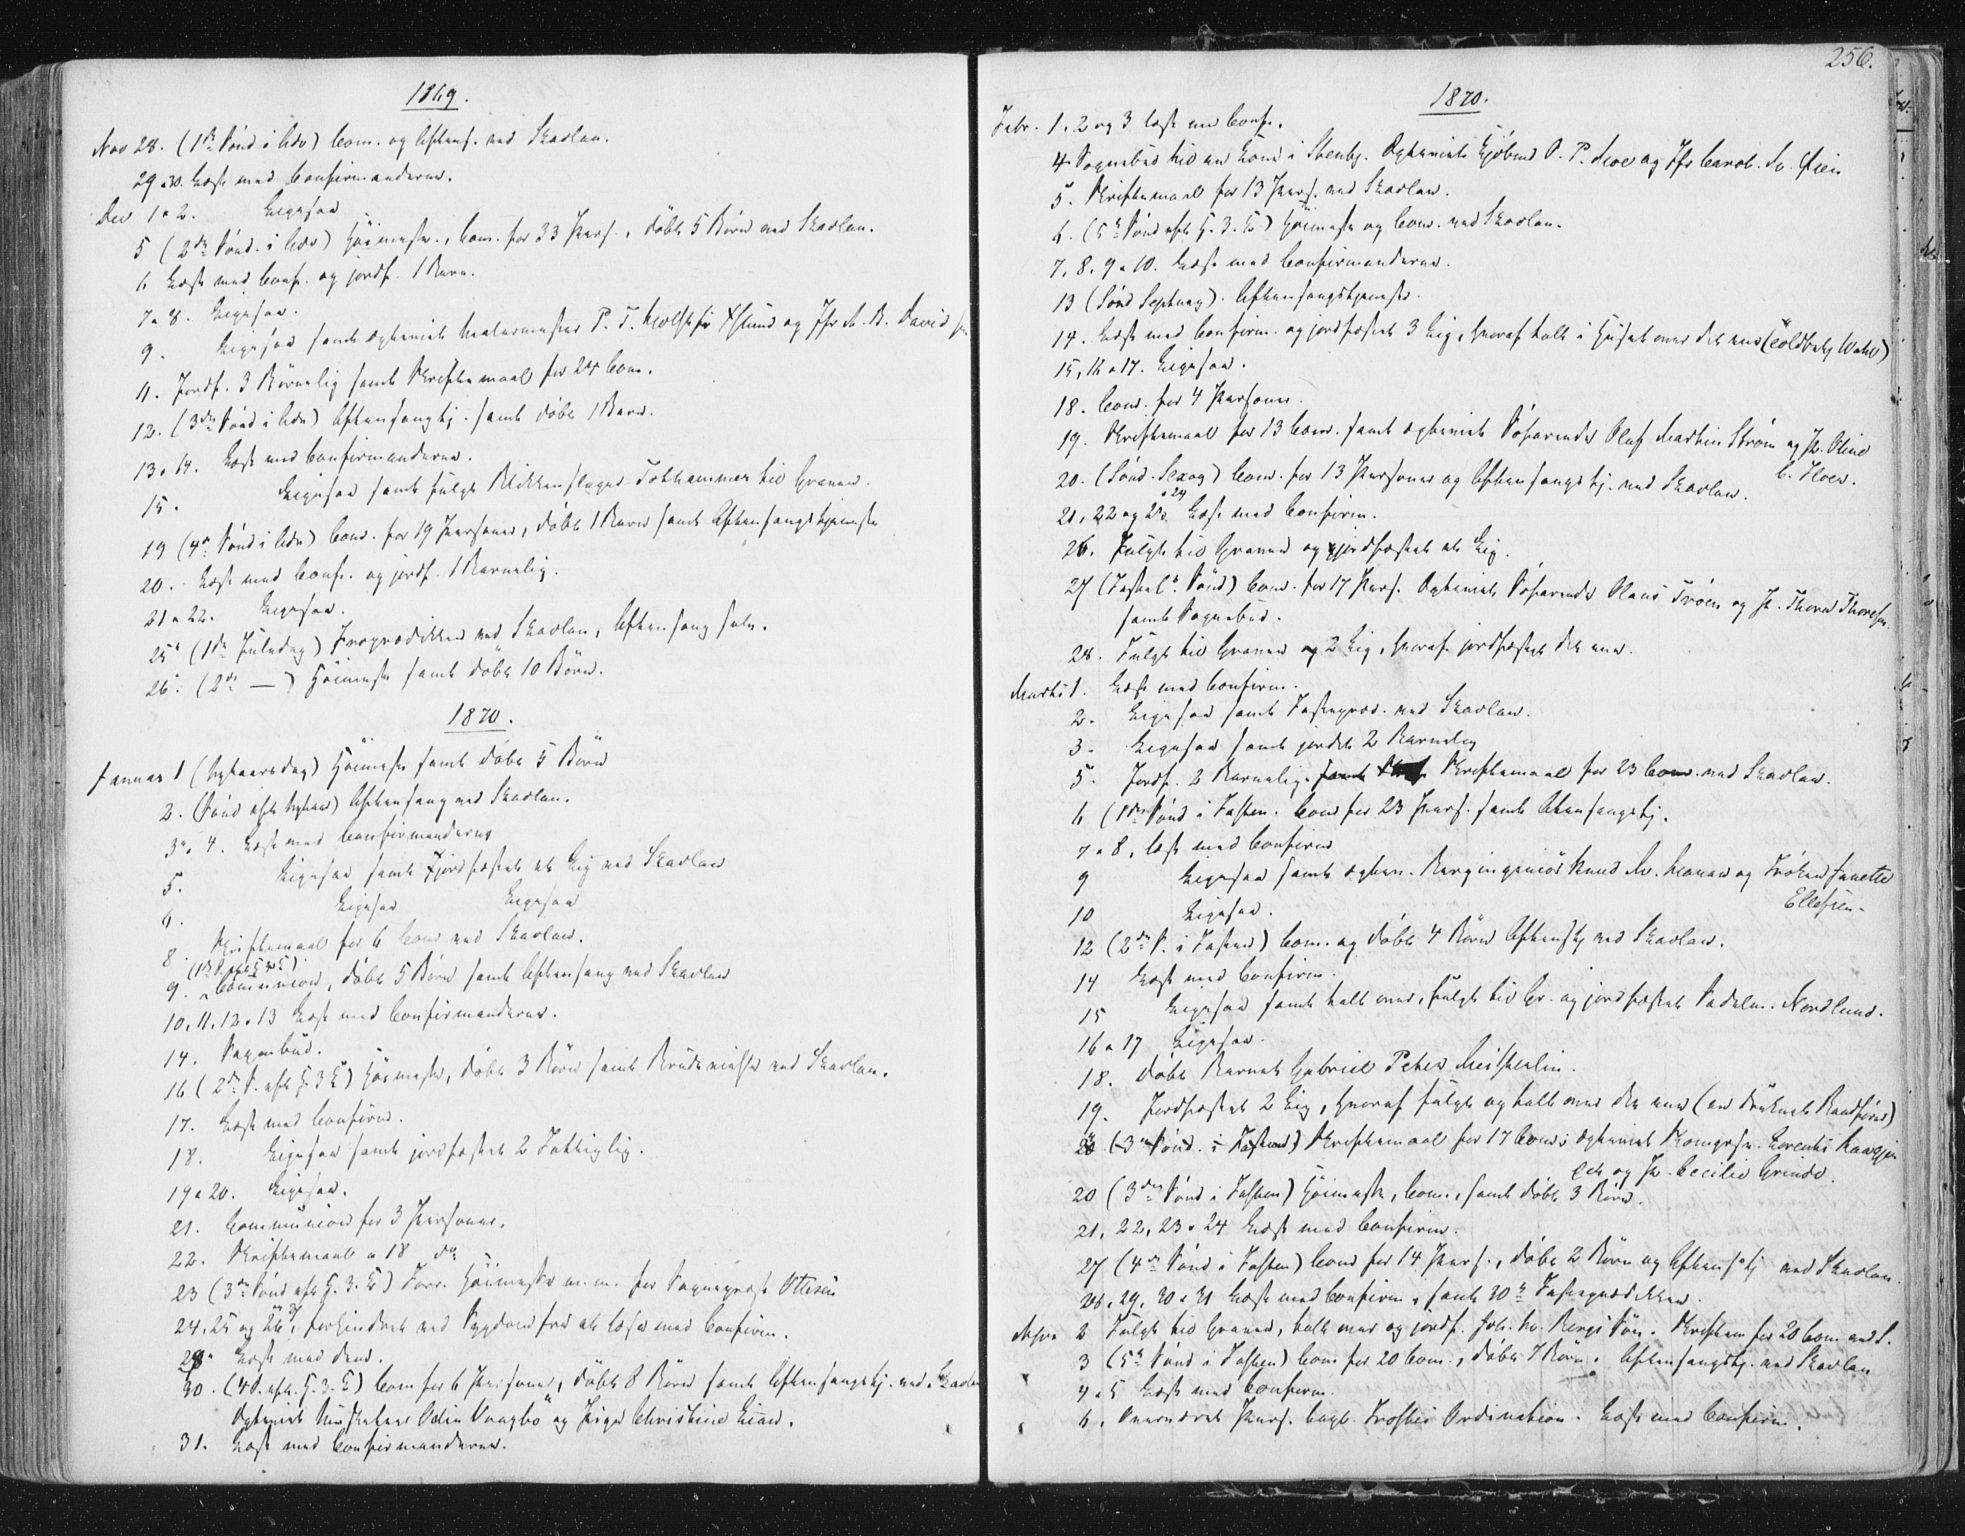 SAT, Ministerialprotokoller, klokkerbøker og fødselsregistre - Sør-Trøndelag, 602/L0127: Residerende kapellans bok nr. 602B01, 1821-1875, s. 256